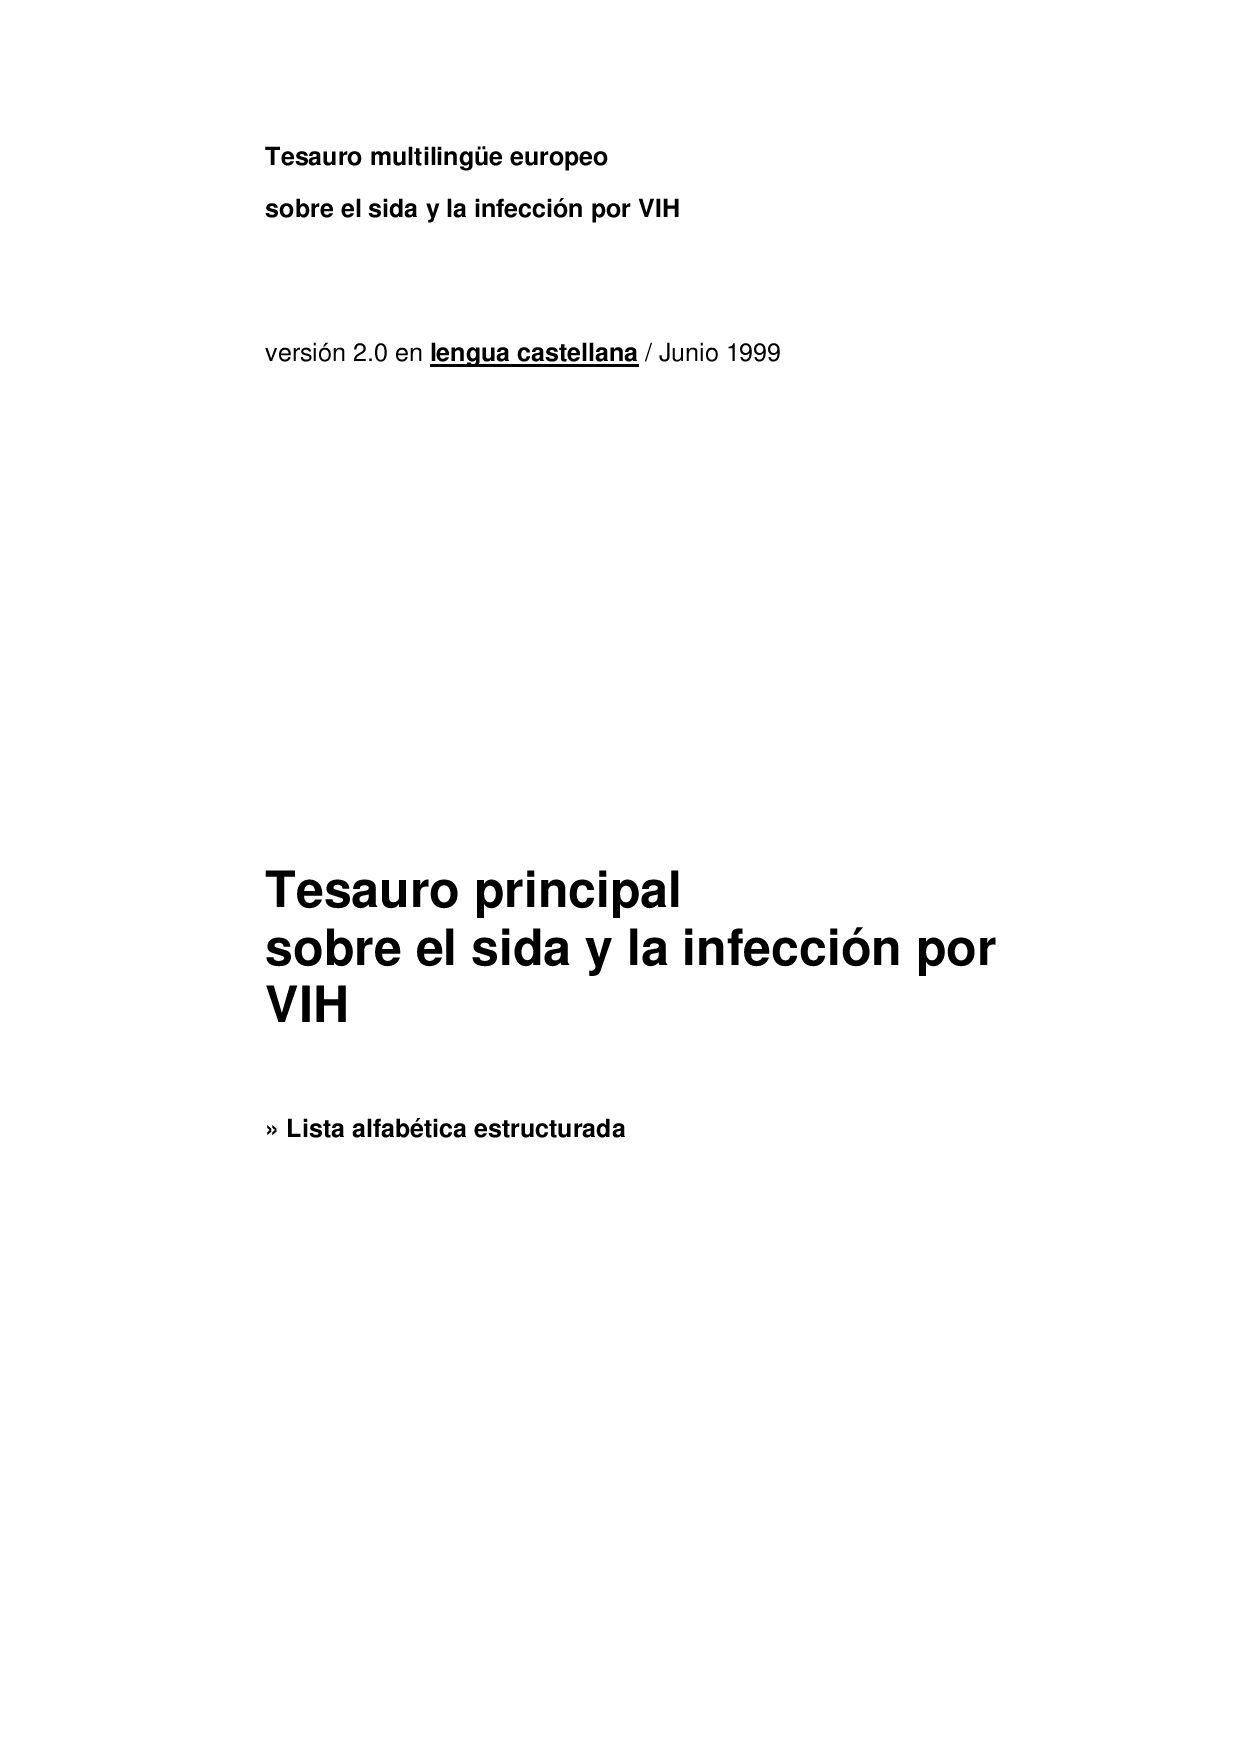 Tesauro multilingüe europeo sobre el sida by fernando - issuu